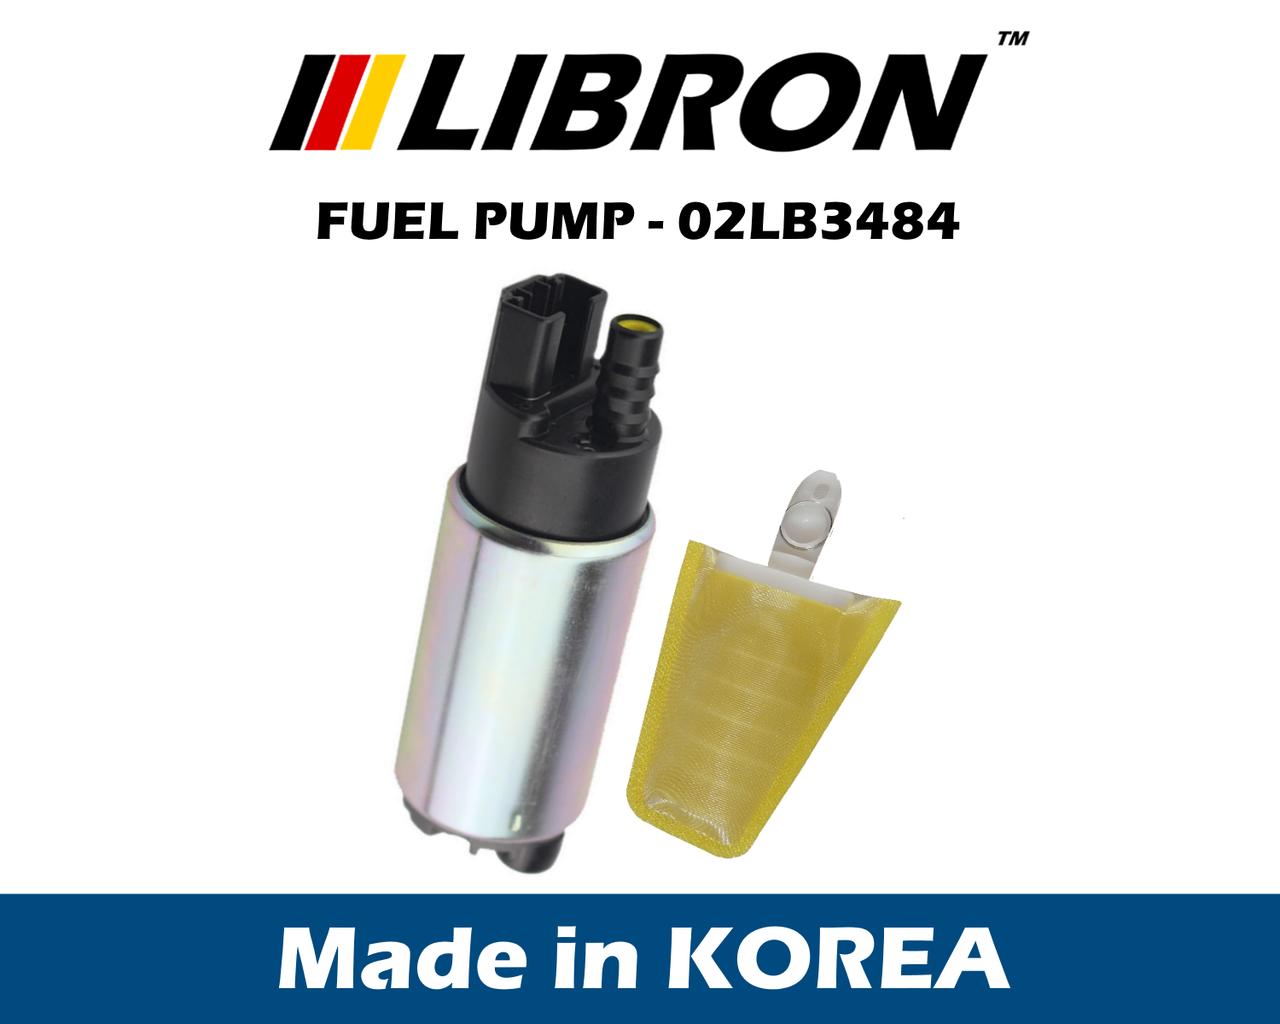 Топливный насос LIBRON 02LB3484 - SUZUKI BALENO универсал